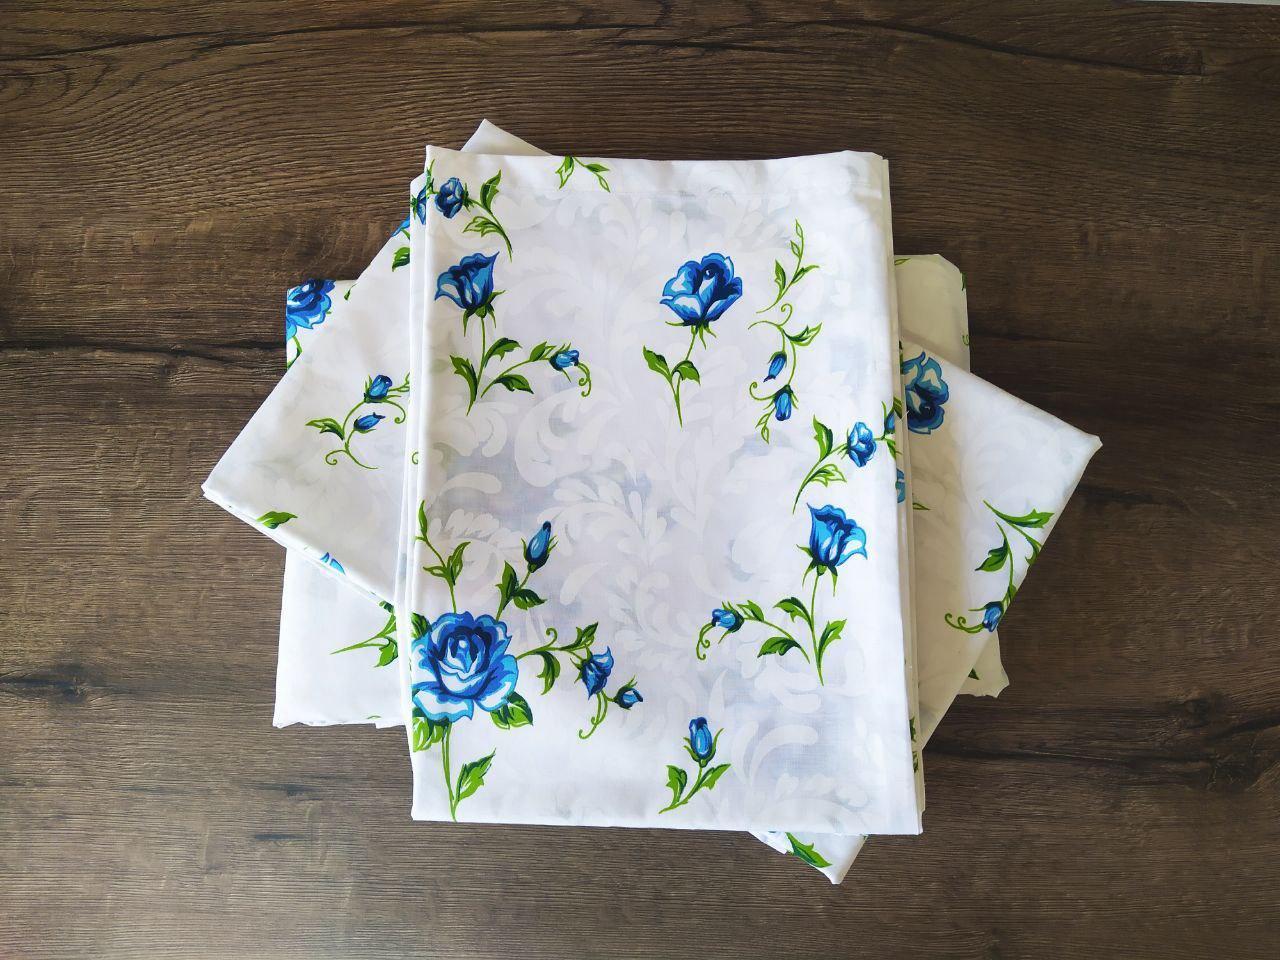 Распродажа! Комплект постельного белья Евро размера бязь хлопок 80% GoldLux GL178 Цветы